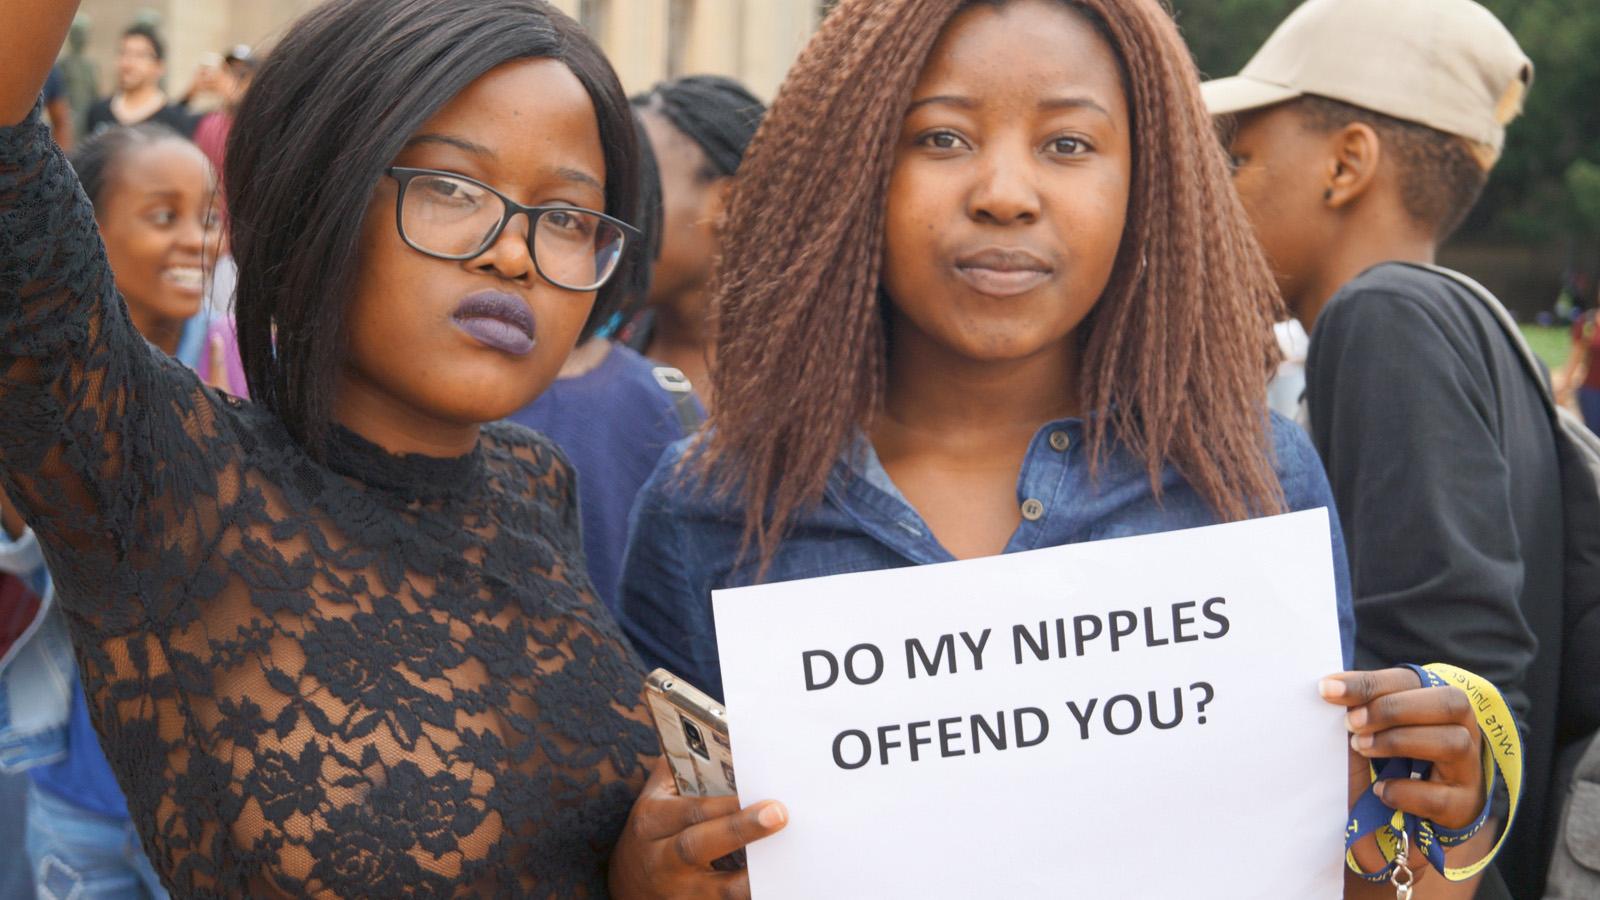 prostituerade kvinnor forum för prostituerade